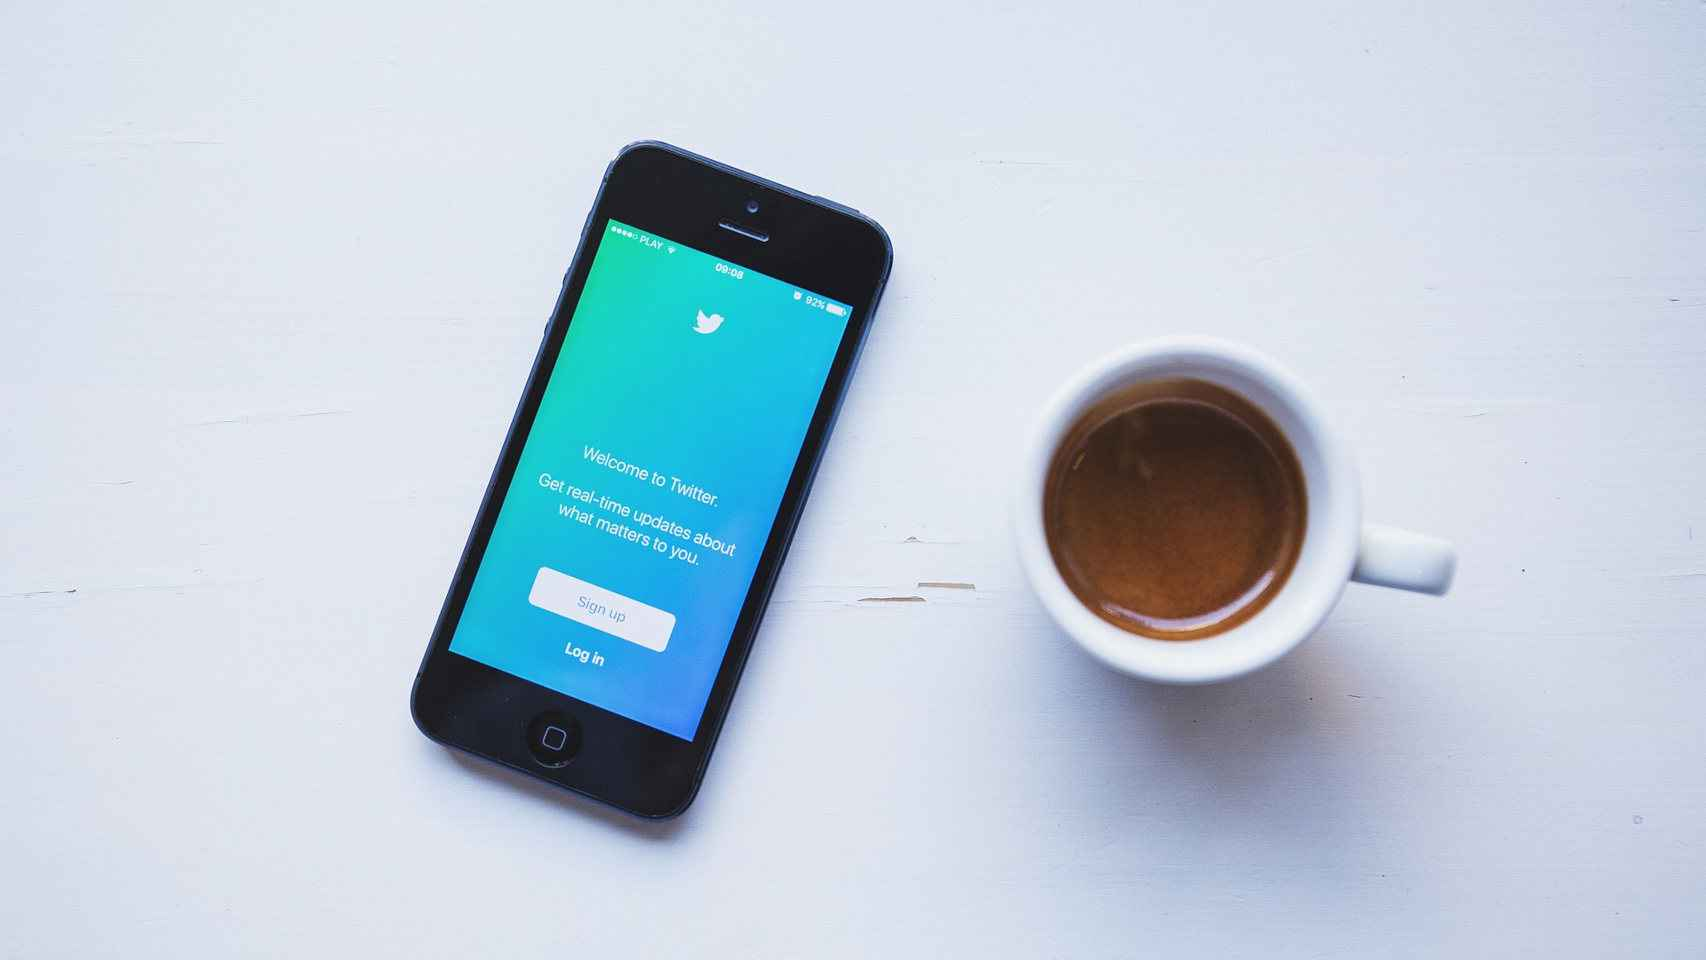 App de Twitter en un iPhone.